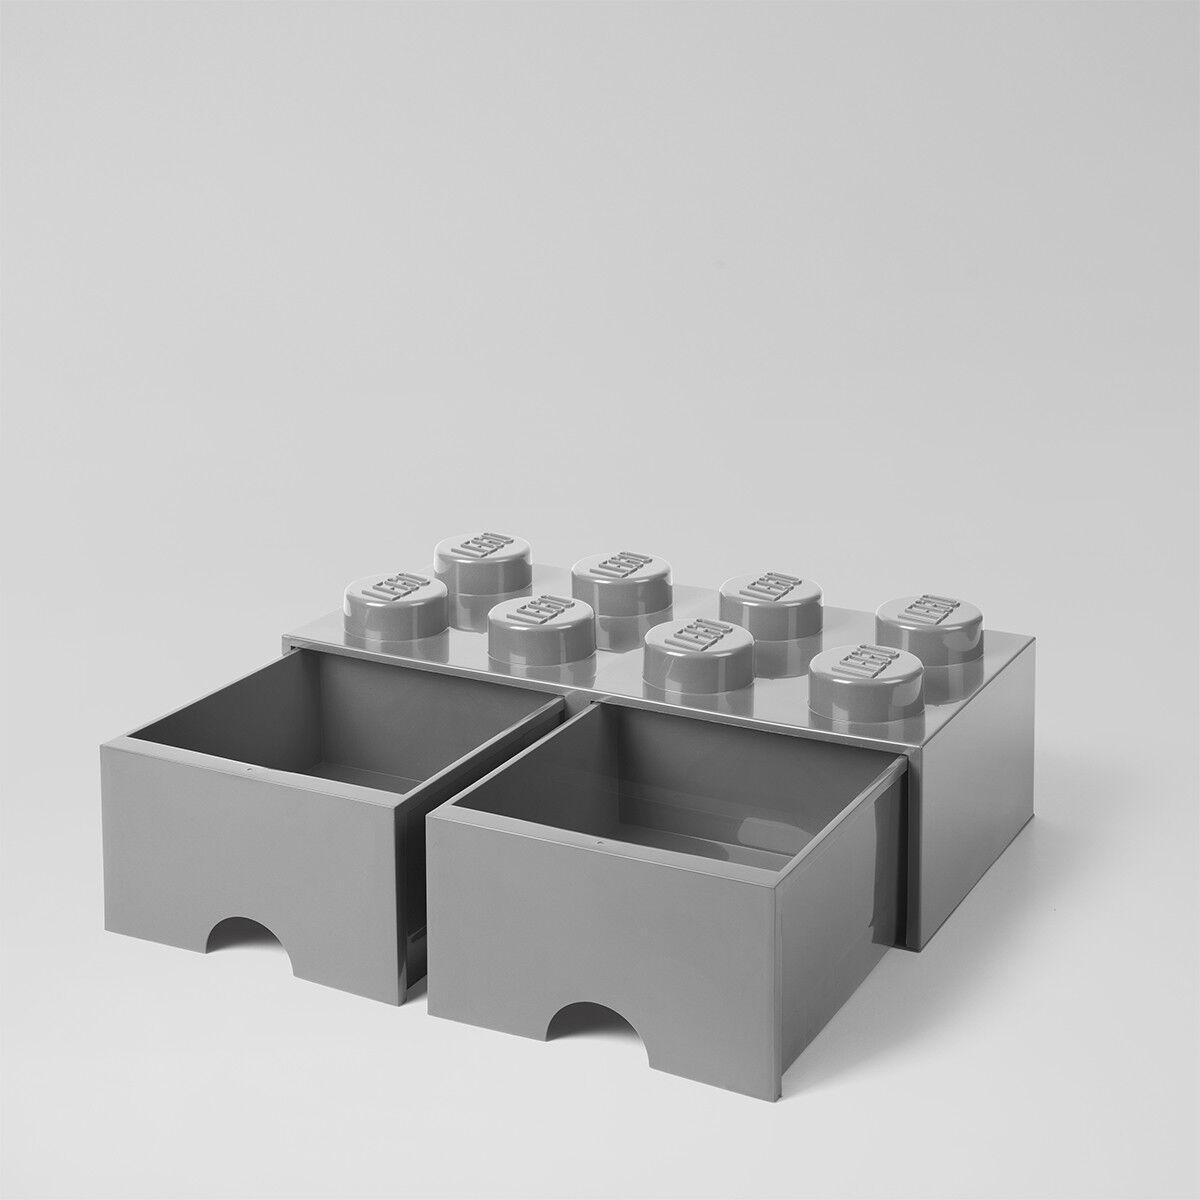 LEGO Storage Brick Stein mit Schublade stapelbar Drawer 8 Grau grau